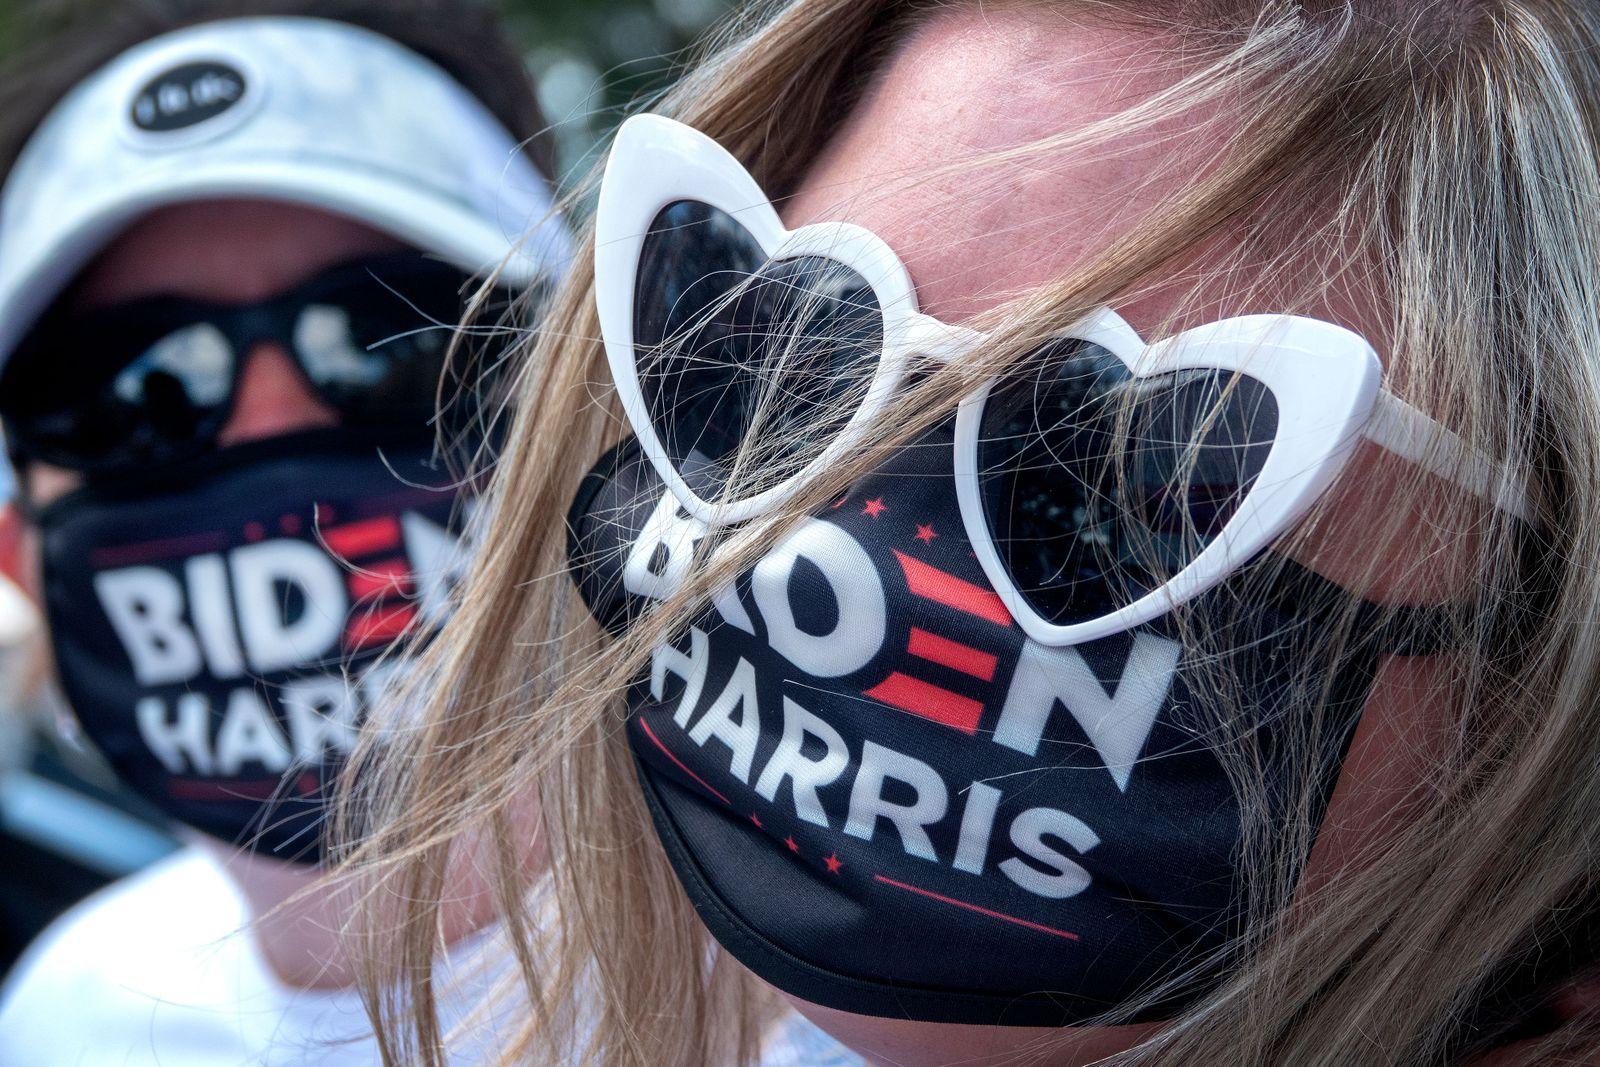 Caravan in Miami in support Democratic Candidate Joe Biden, USA - 18 Oct 2020